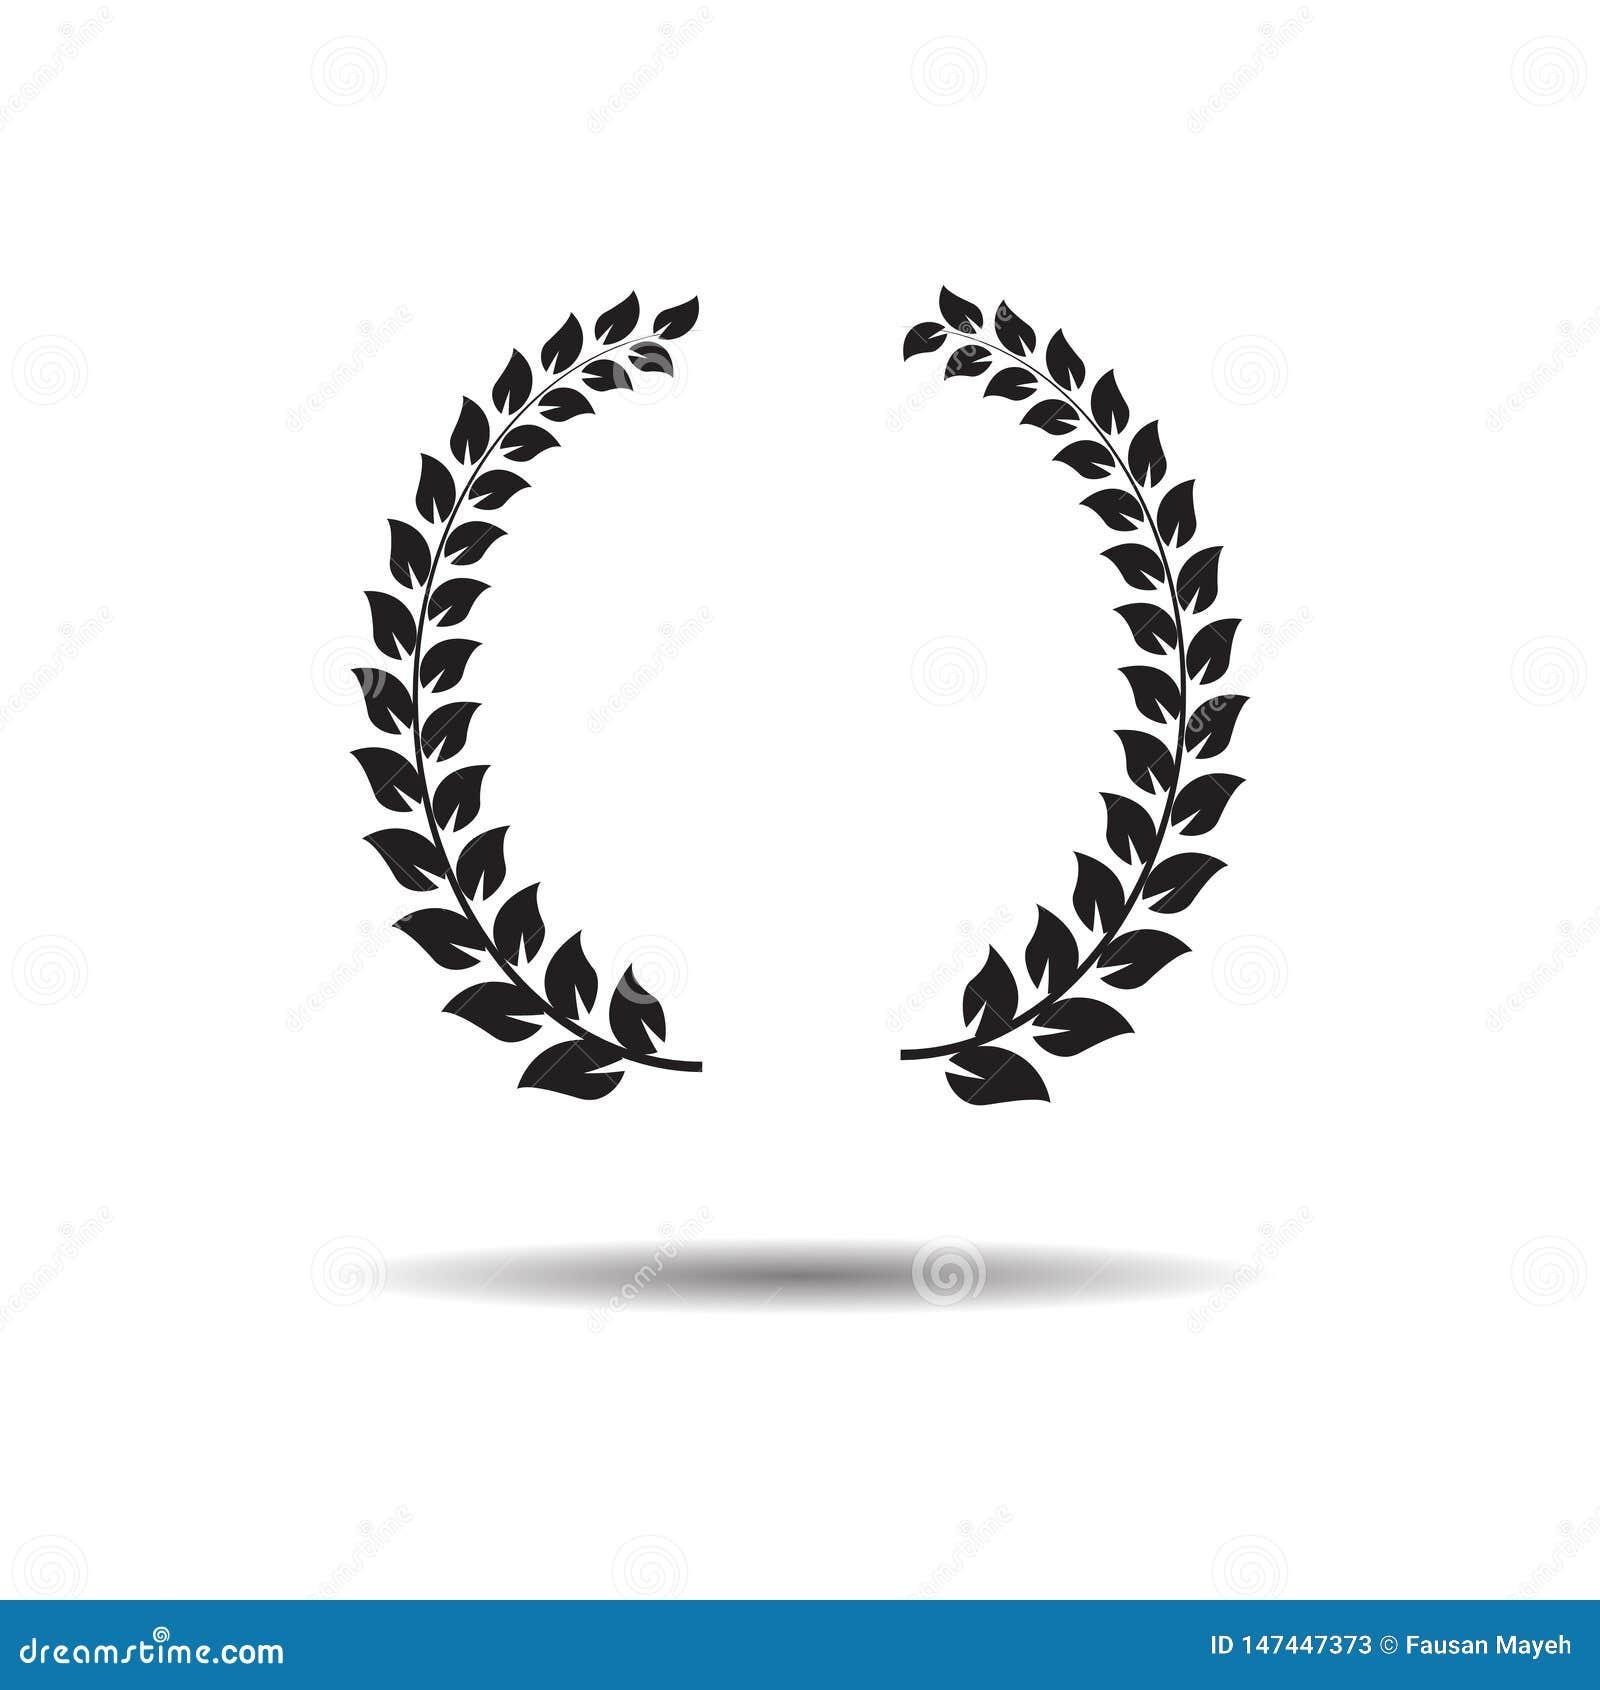 Laurel Wreaths Icona o segno piana di web di vettore su fondo bianco con ombra